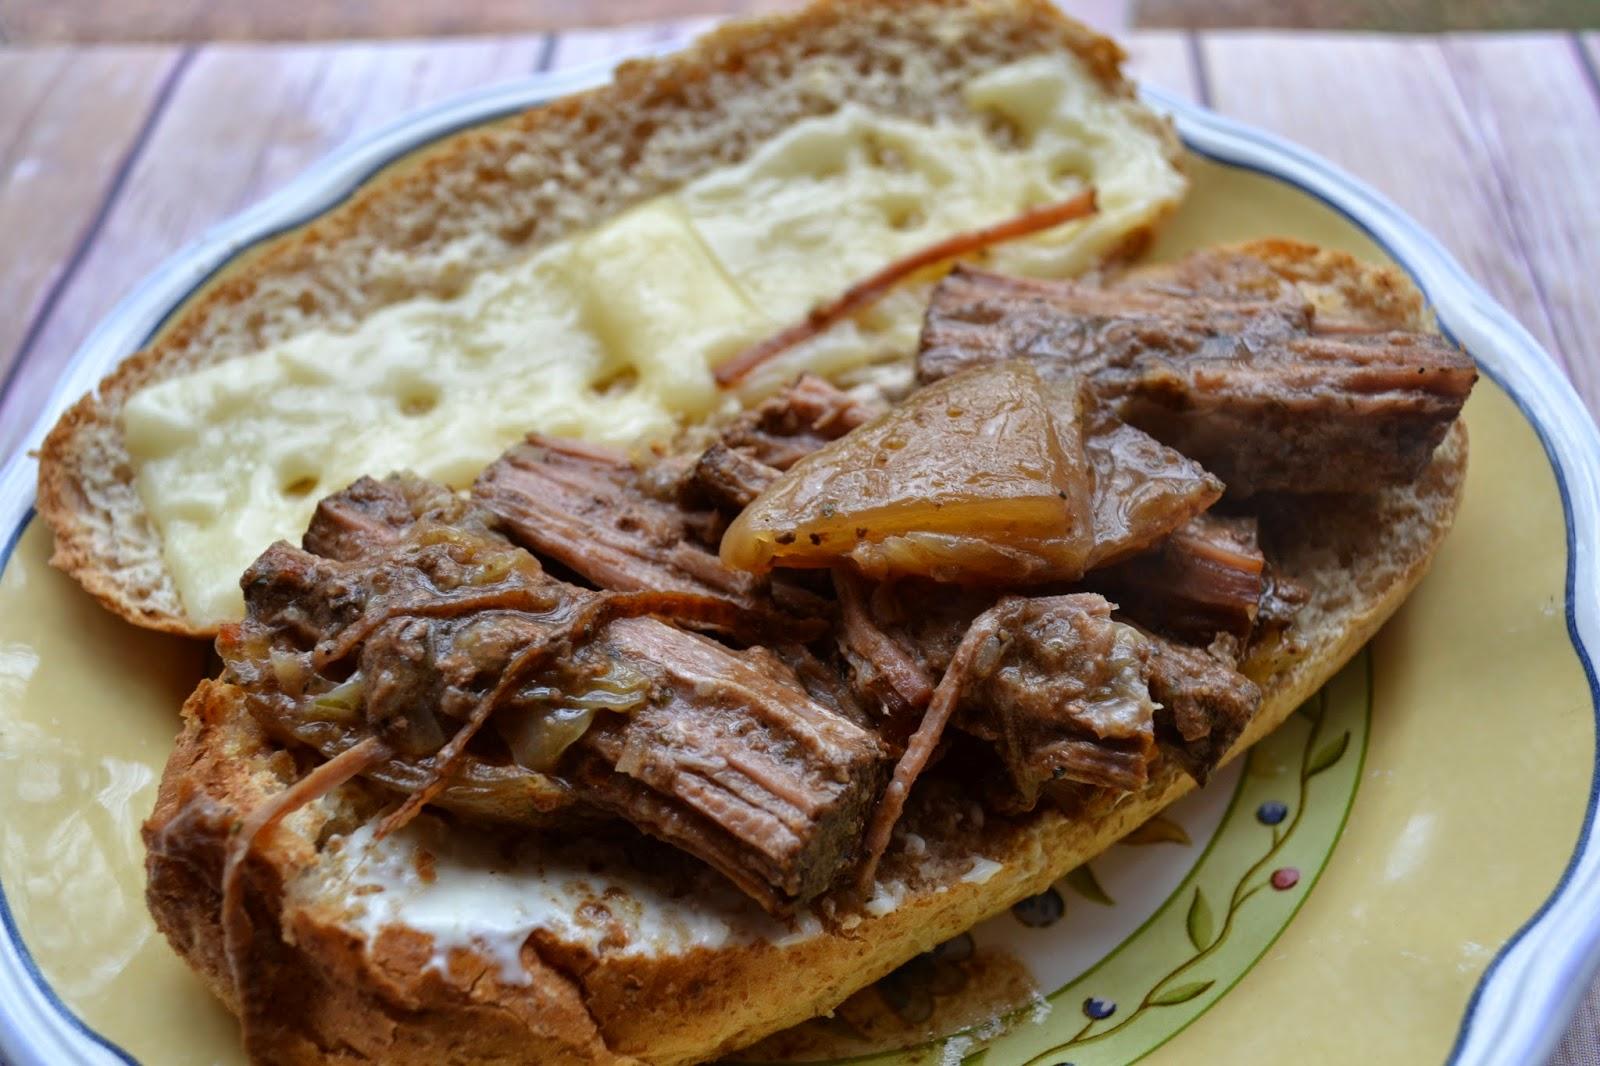 Leftover Pot Roast Sandwiches